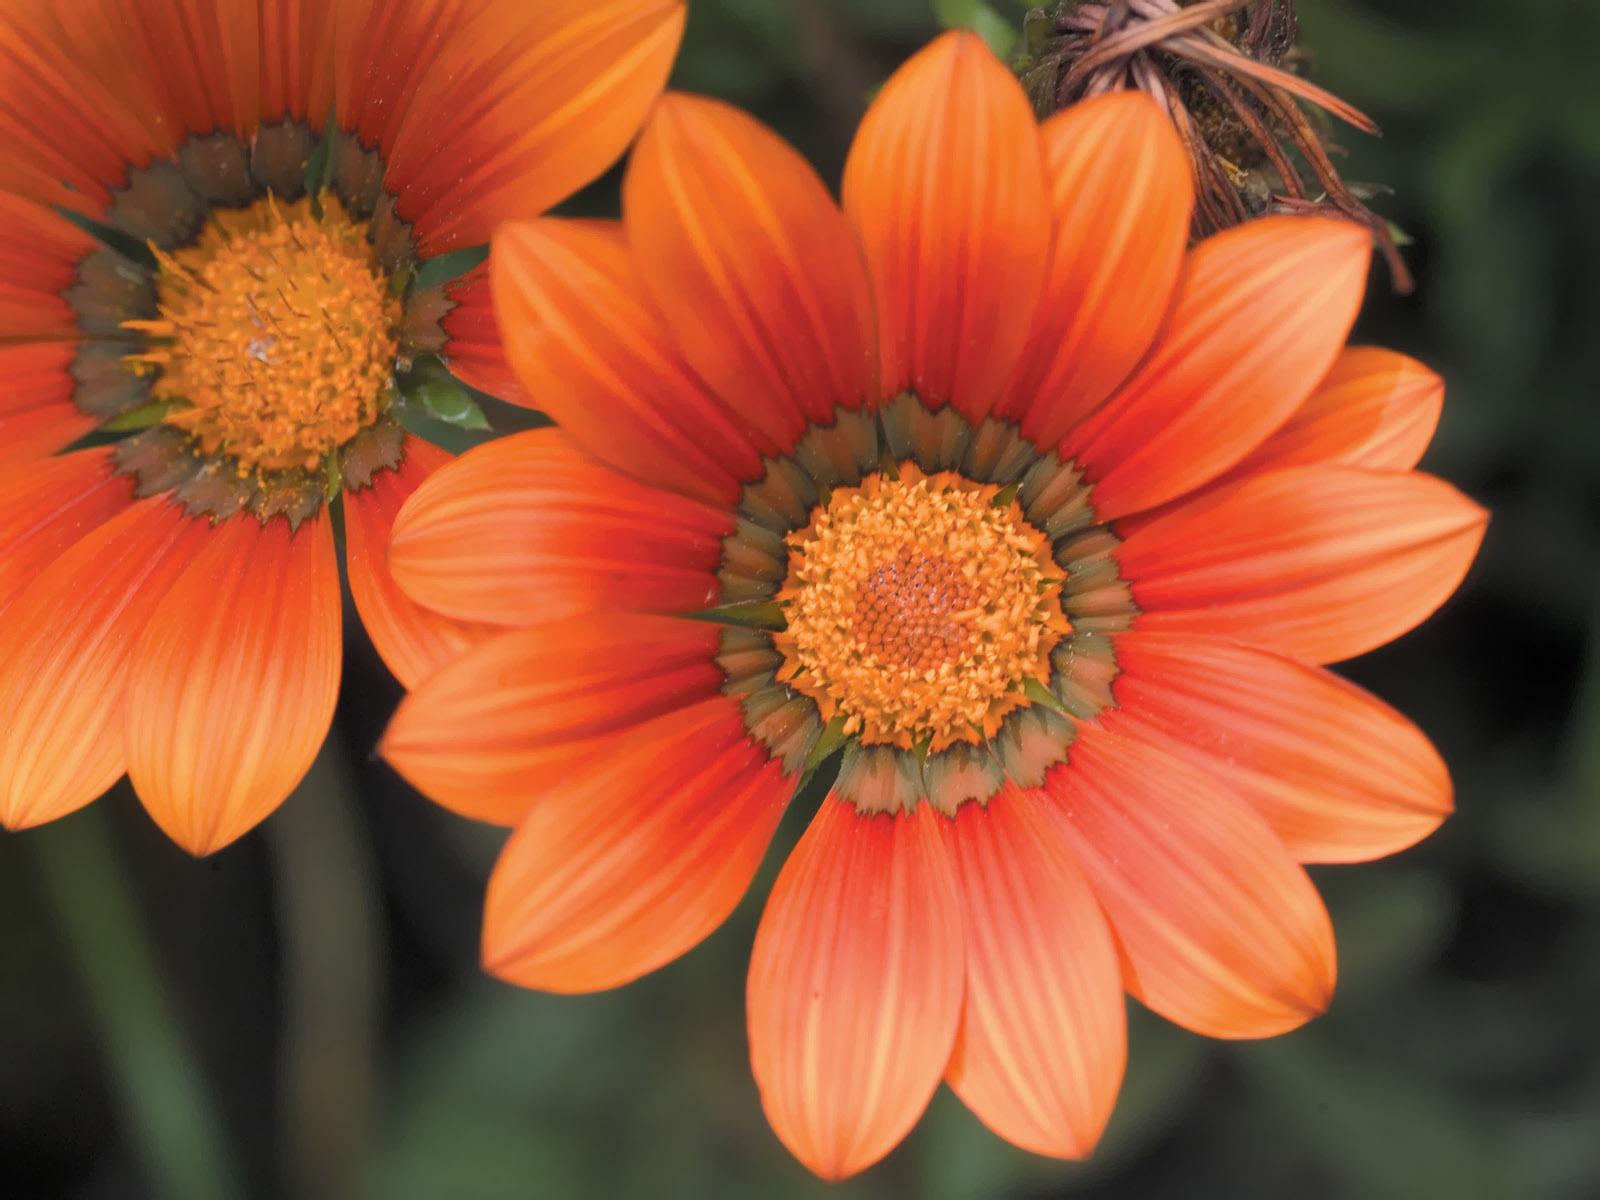 壁纸1600×12006种尺寸 韩国花卉摄影壁纸 Professional flower photography壁纸 韩国花卉摄影集壁纸图片花卉壁纸花卉图片素材桌面壁纸